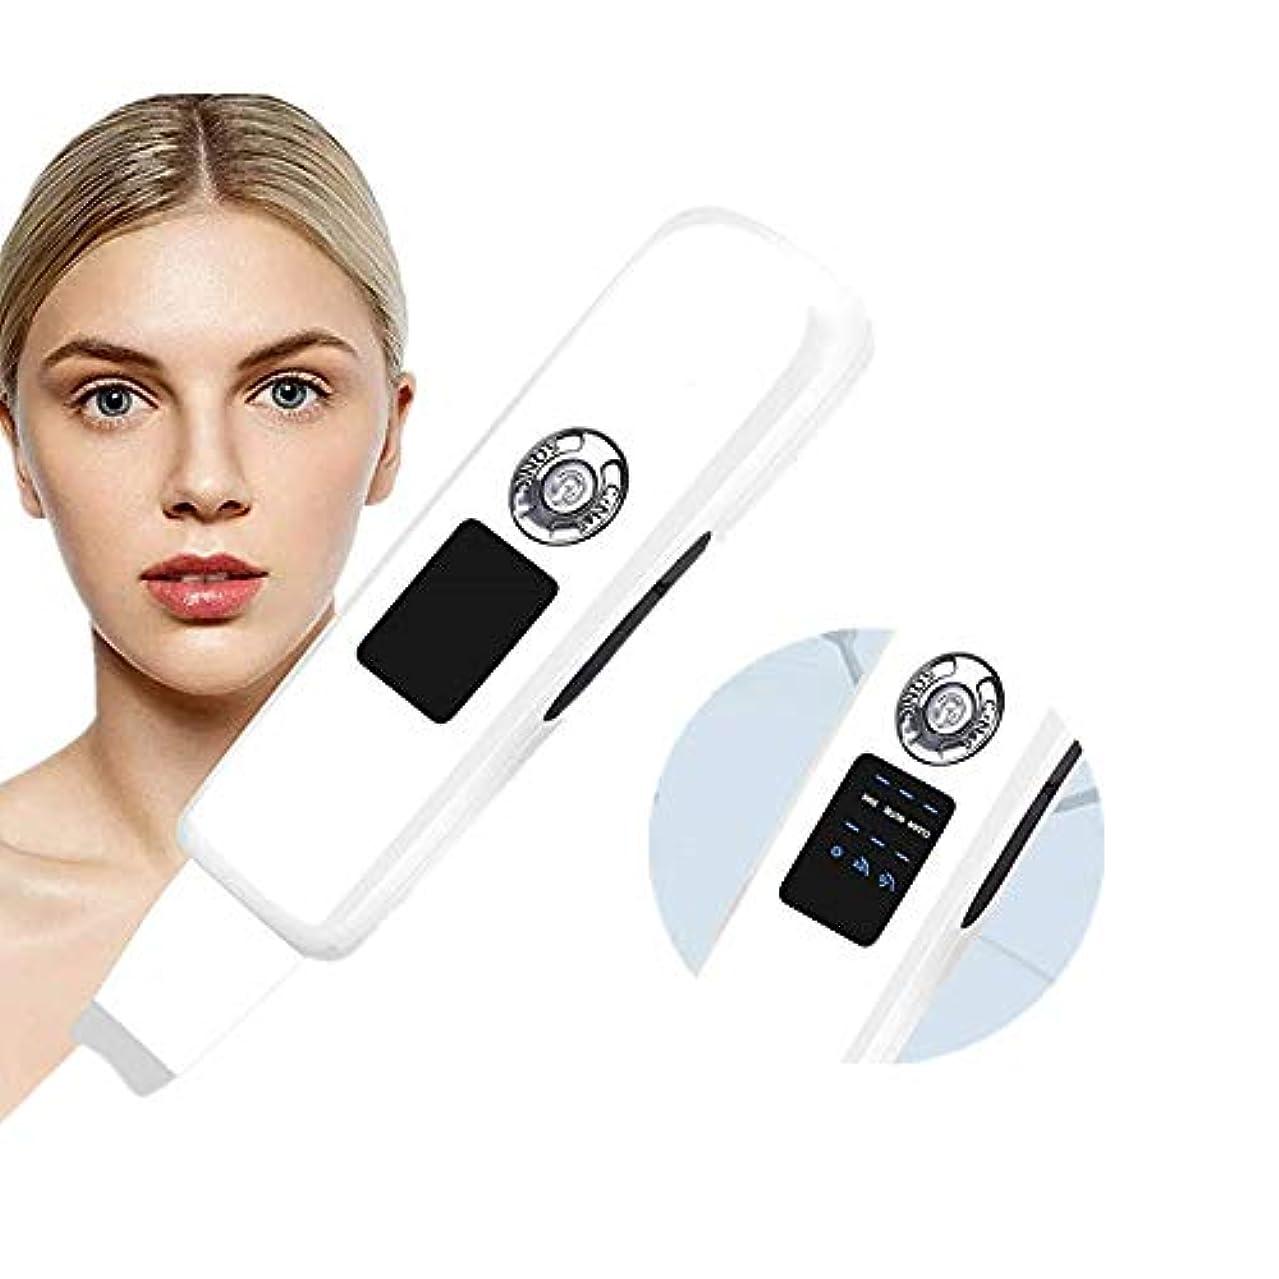 属性アサーショッピングセンター顔の皮膚スクラバー、ジェントルは男性女性ネックホワイトニングTighting若返りのためのリフティング&ファーミングツール、ブラックヘッドコメド毛穴クリーナー死んだ皮膚角質層の抽出を削除します